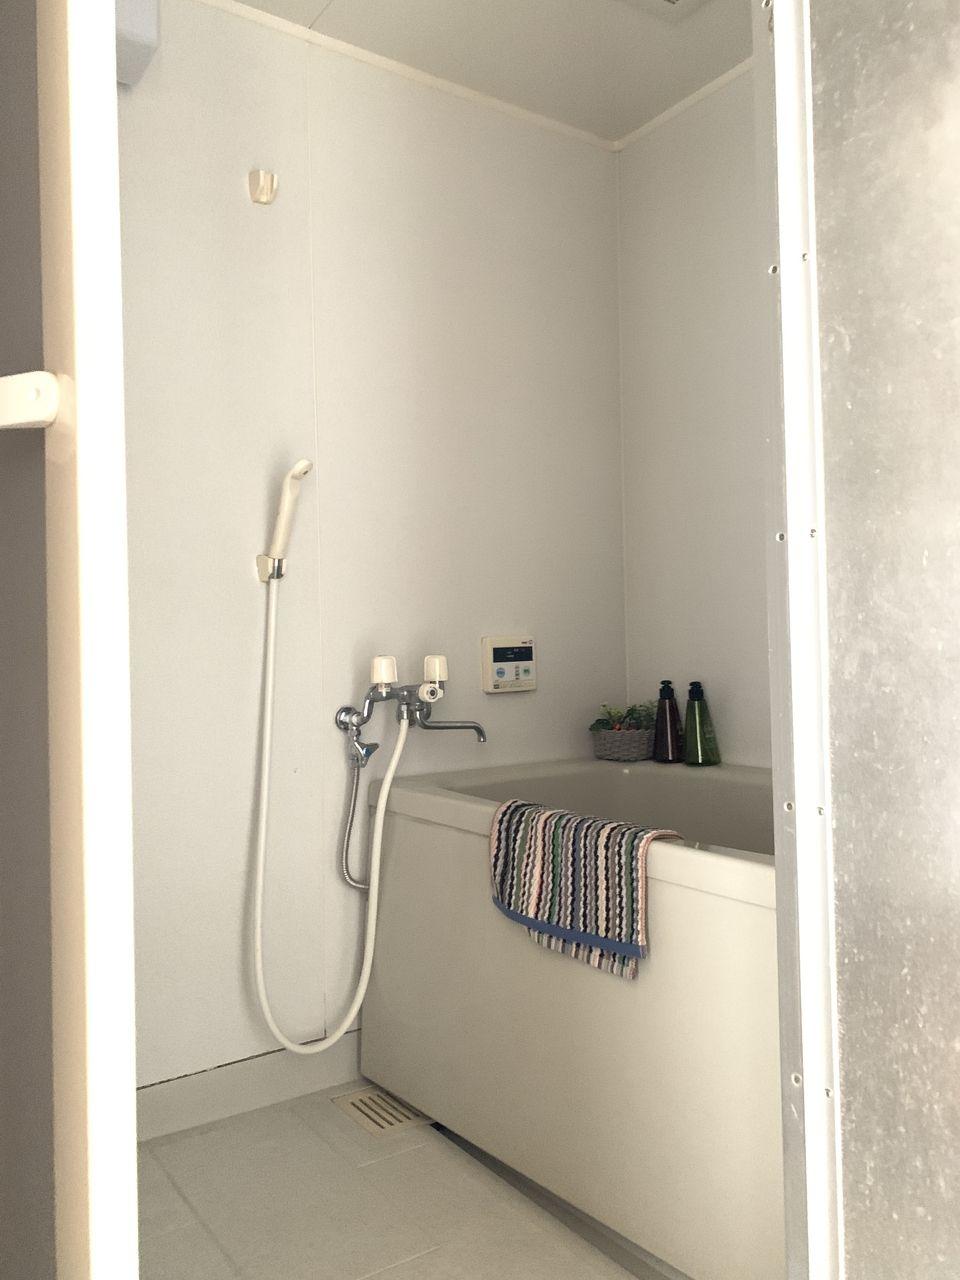 ハイツ富士401号室お風呂の写真です